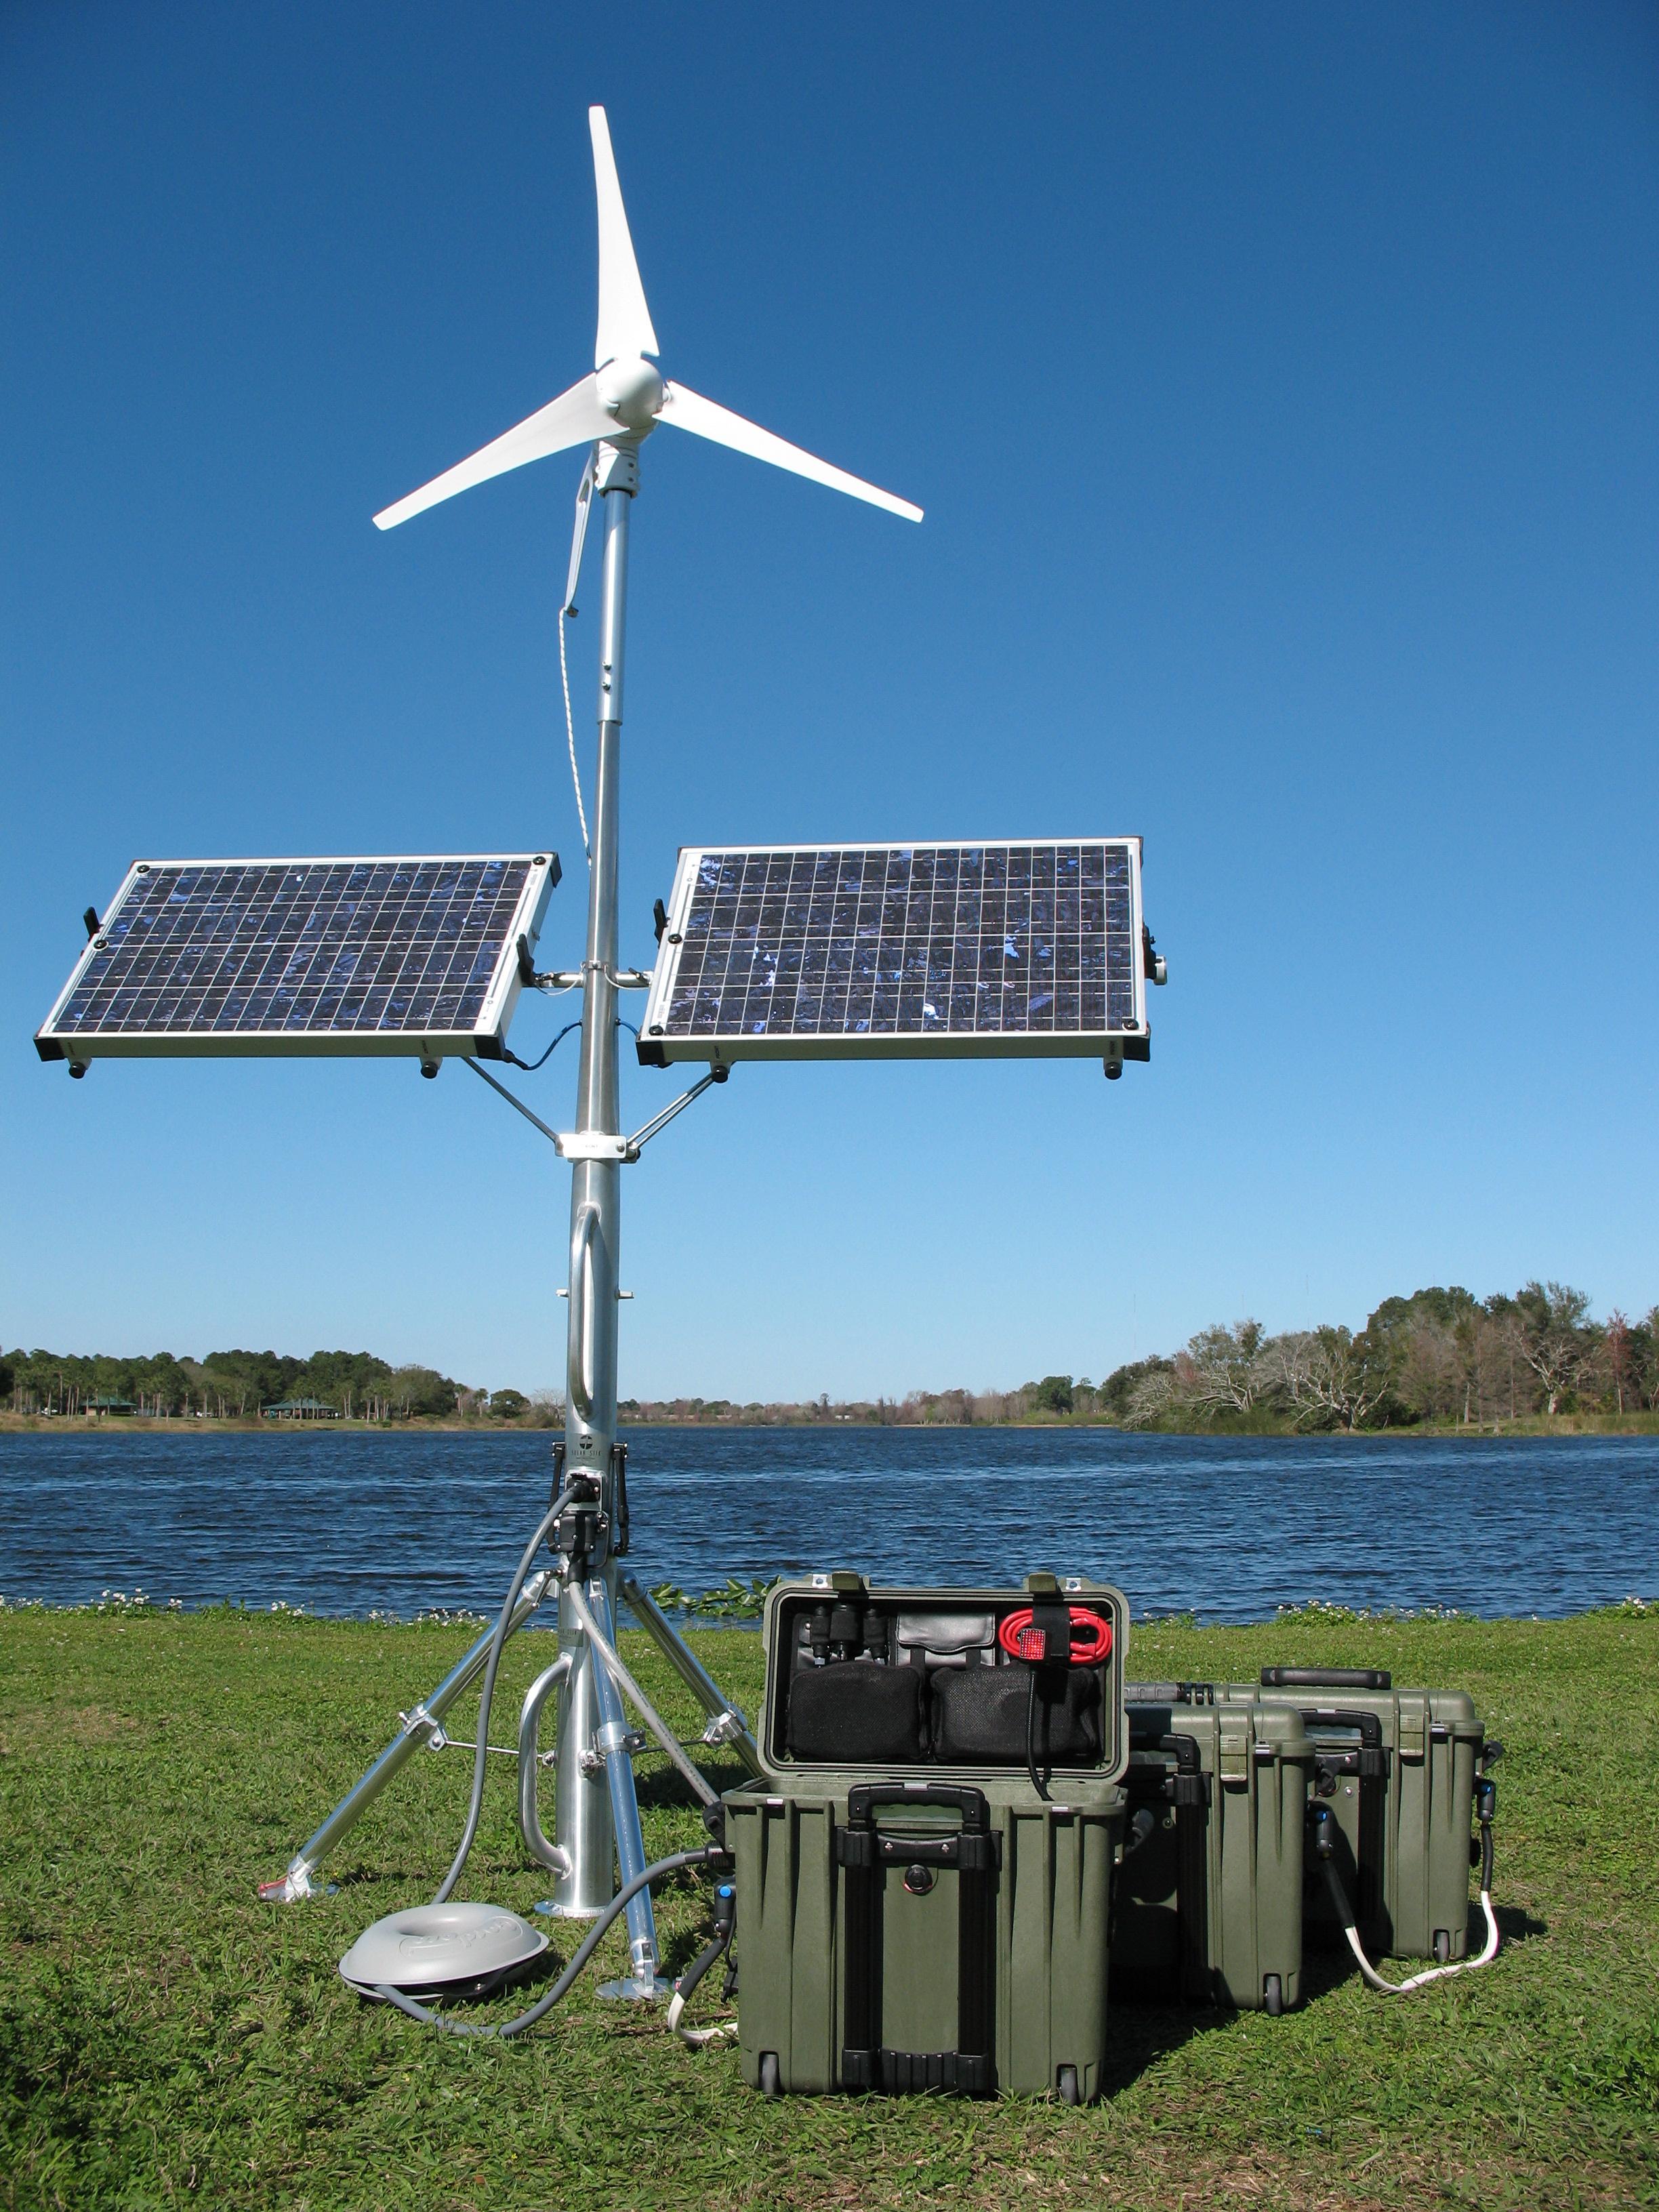 Solar Stik with added wind turbine